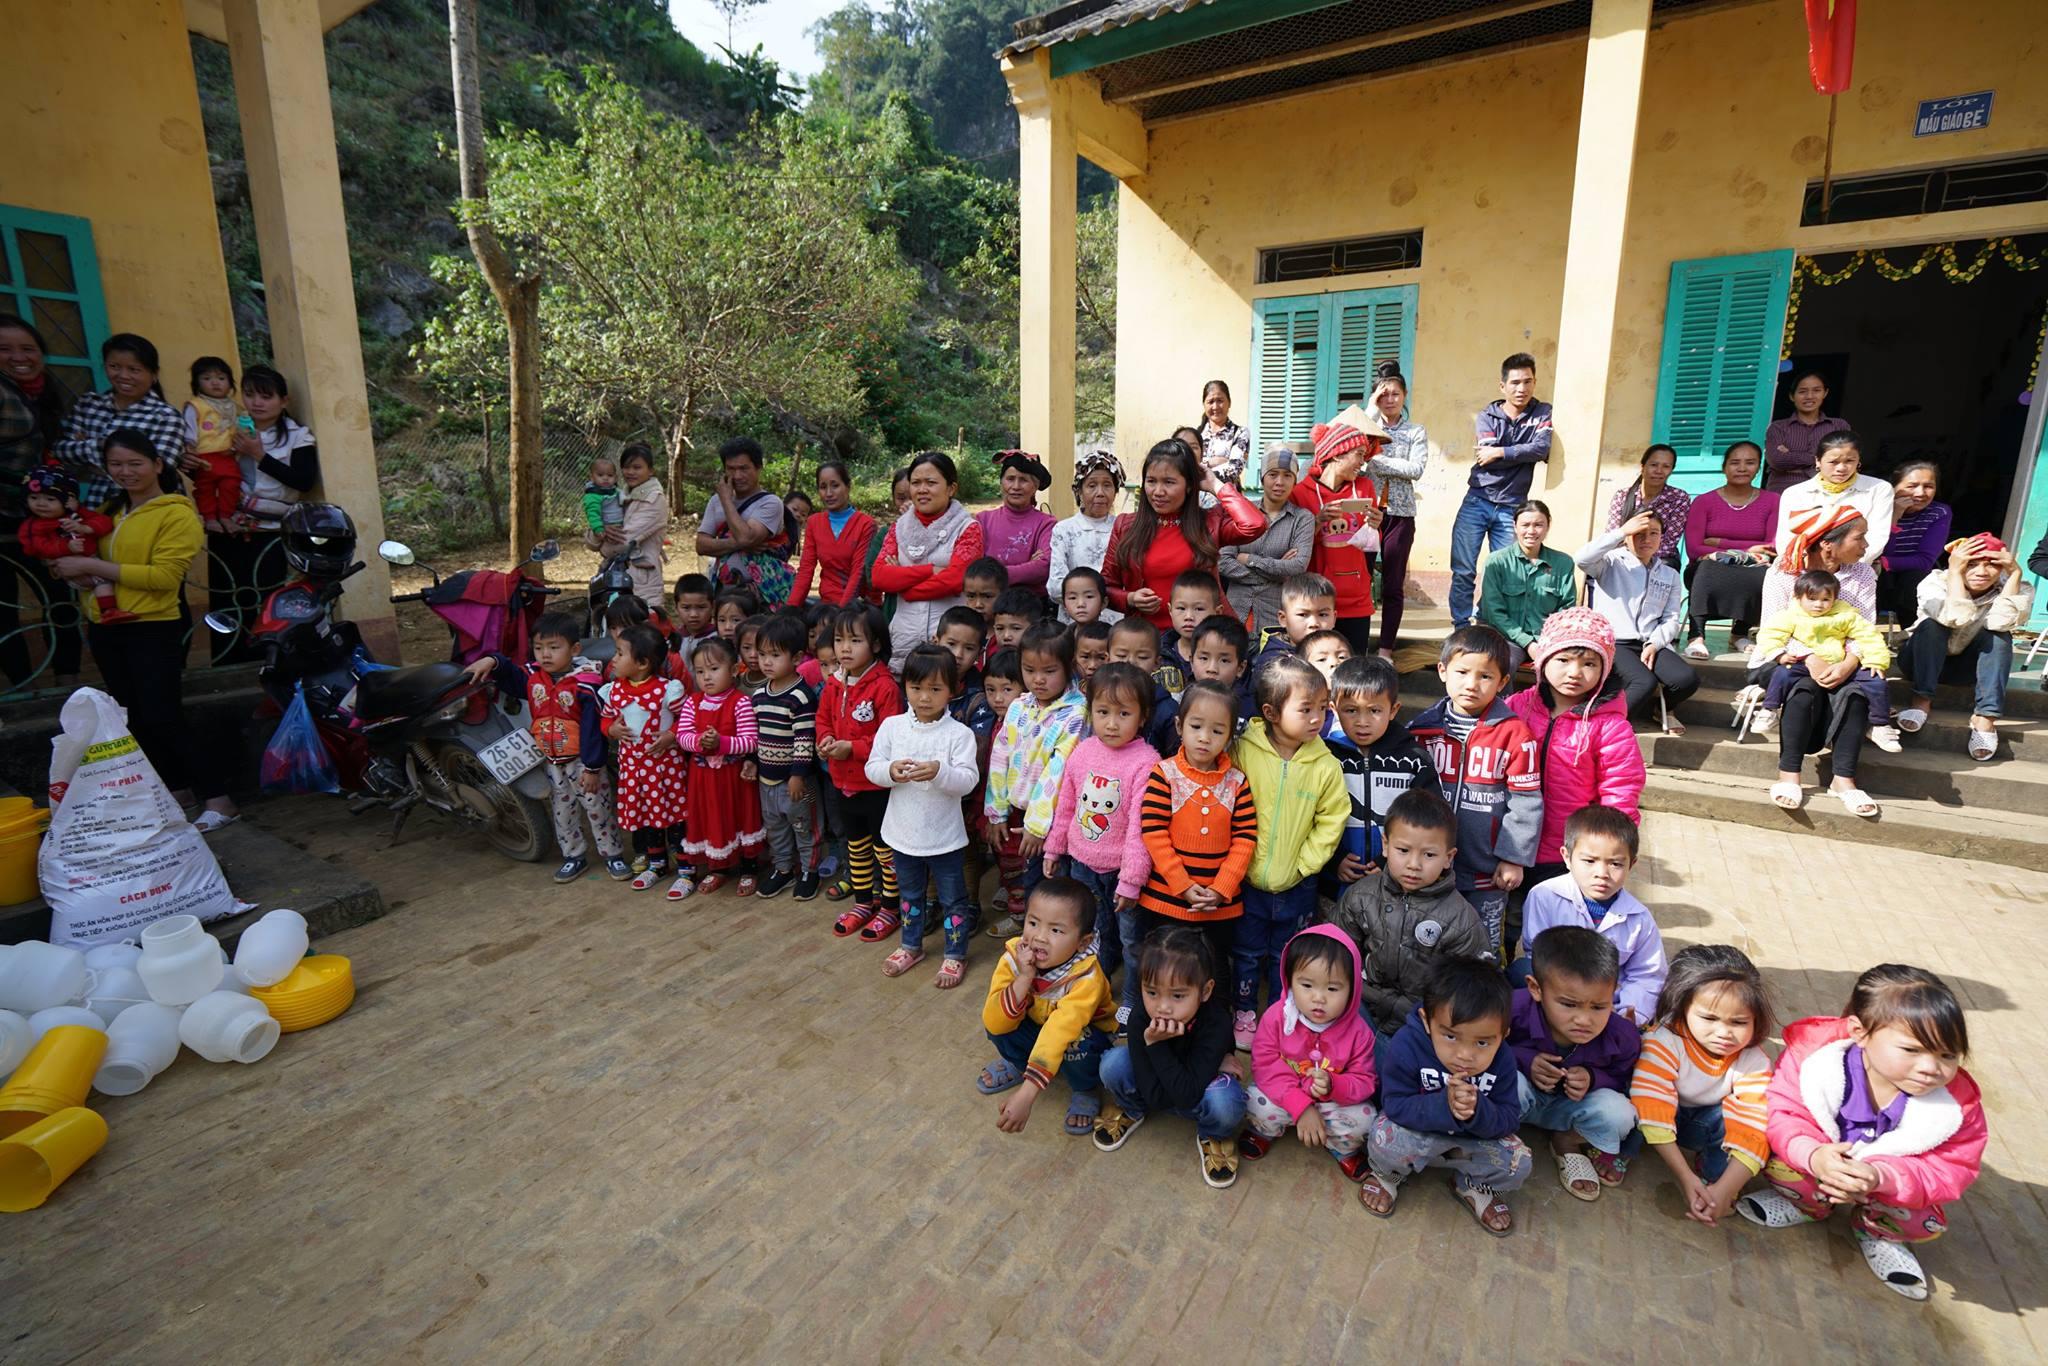 Nghĩa cử cao đẹp của nhóm du học sinh Úc quyên góp từ thiện giúp trẻ em vùng cao Vietnam 5 - Nghĩa cử cao đẹp của nhóm du học sinh Úc quyên góp từ thiện giúp trẻ em vùng cao Vietnam